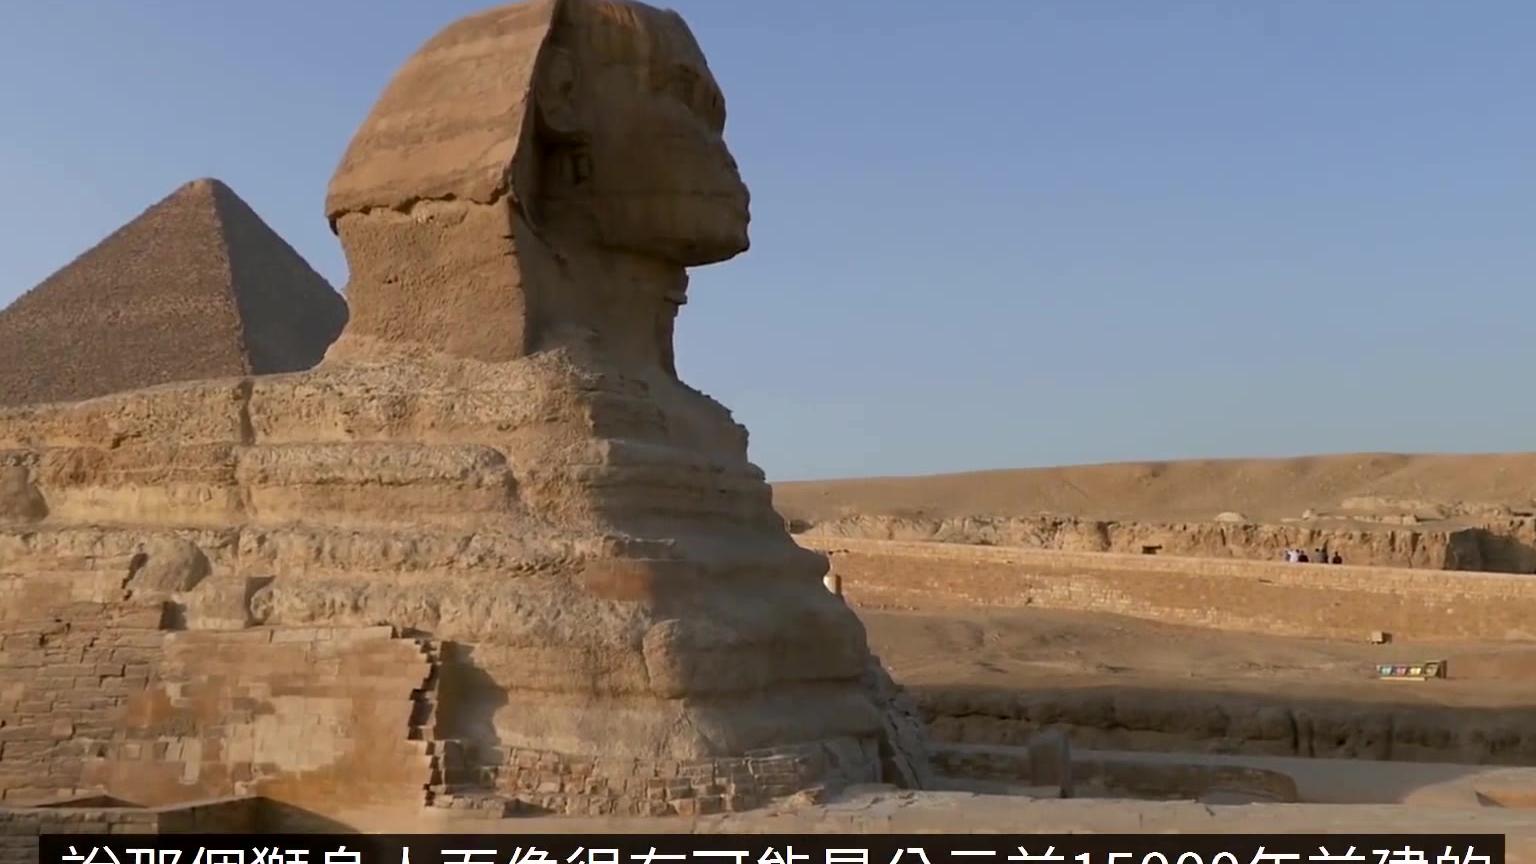 """""""他们""""究竟是谁?比金字塔还夸张的远古文明"""